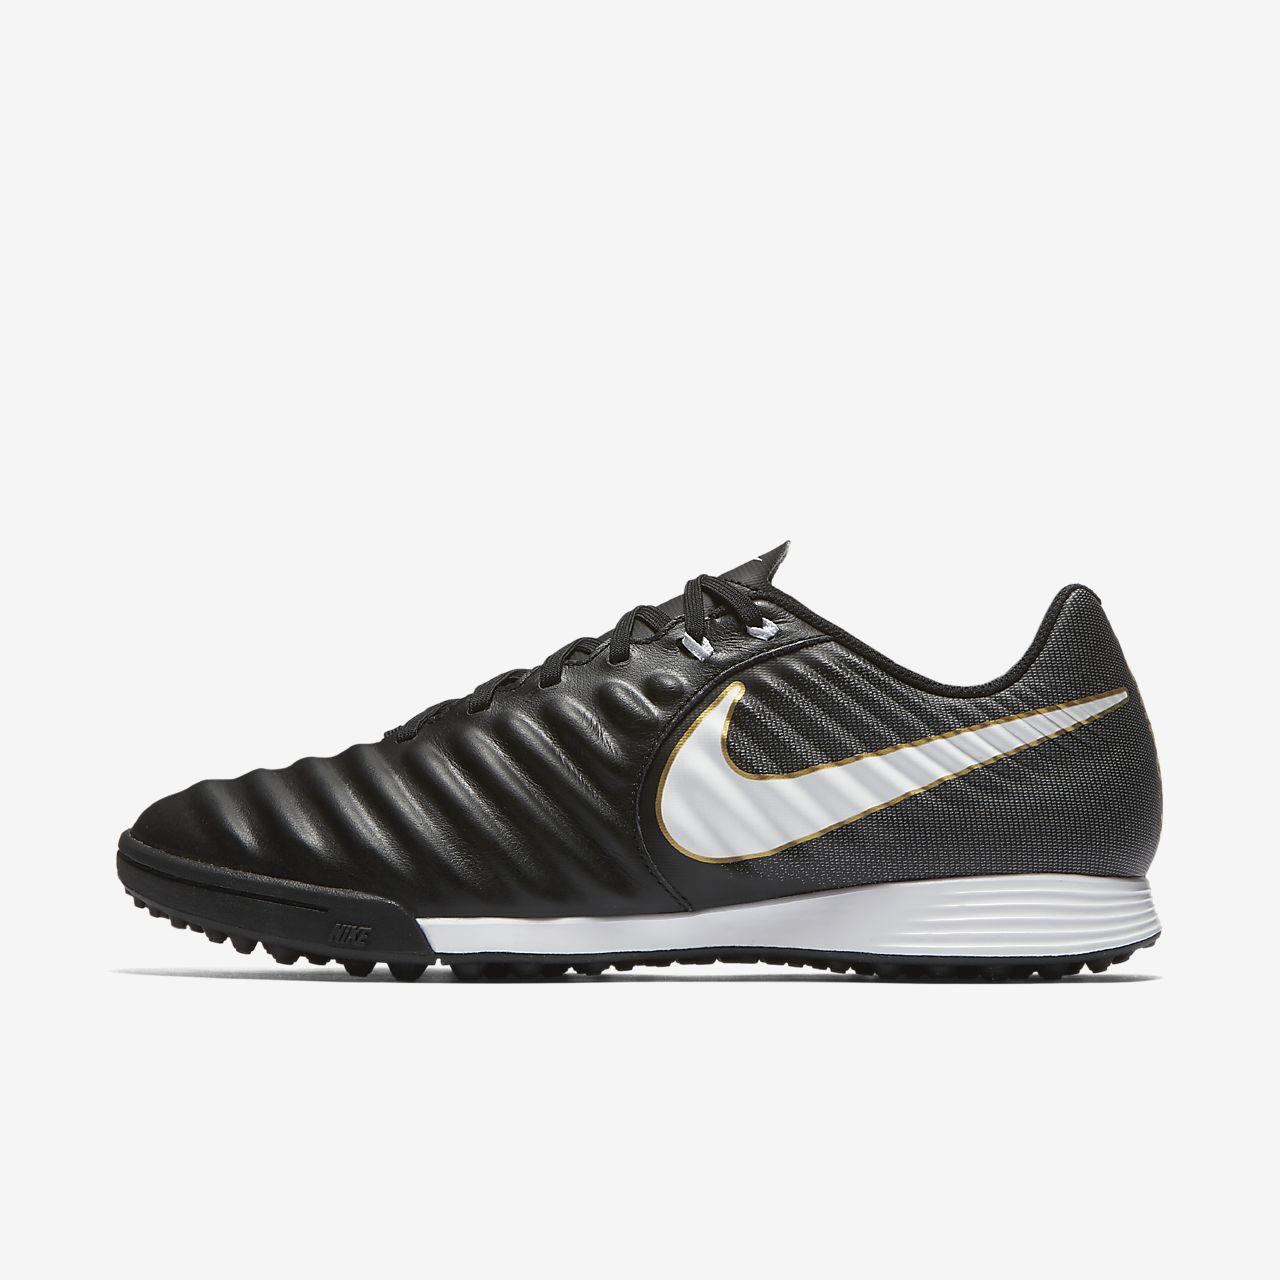 Nike TiempoX Ligera IV Artificial-Turf Women's Football Shoes Blue/White jQ3125Q